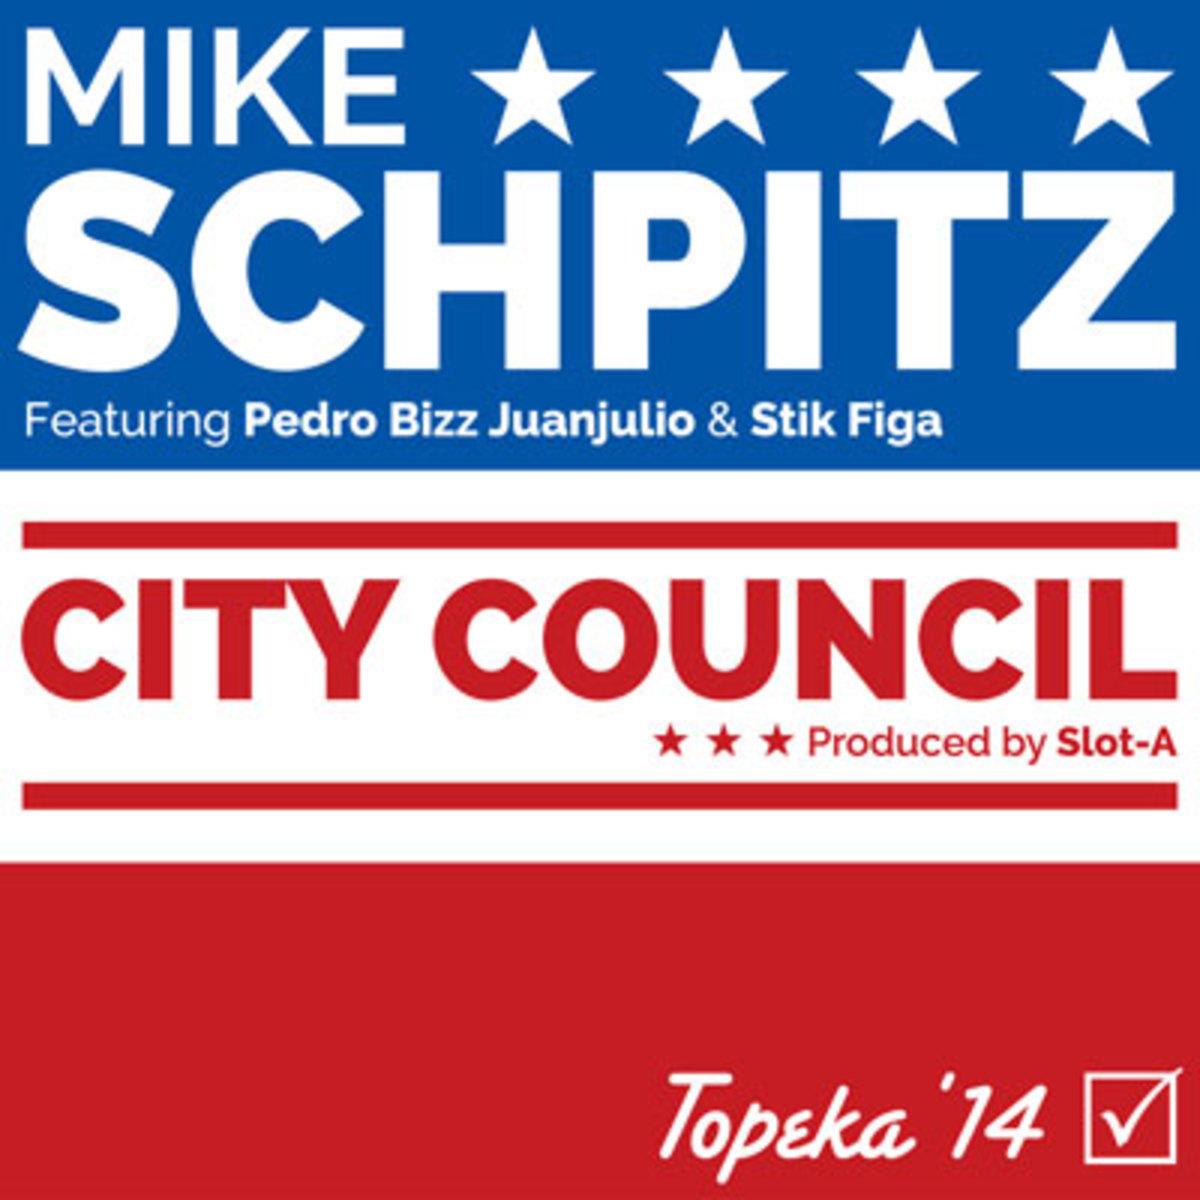 mikeschpitz-citycouncil.jpg